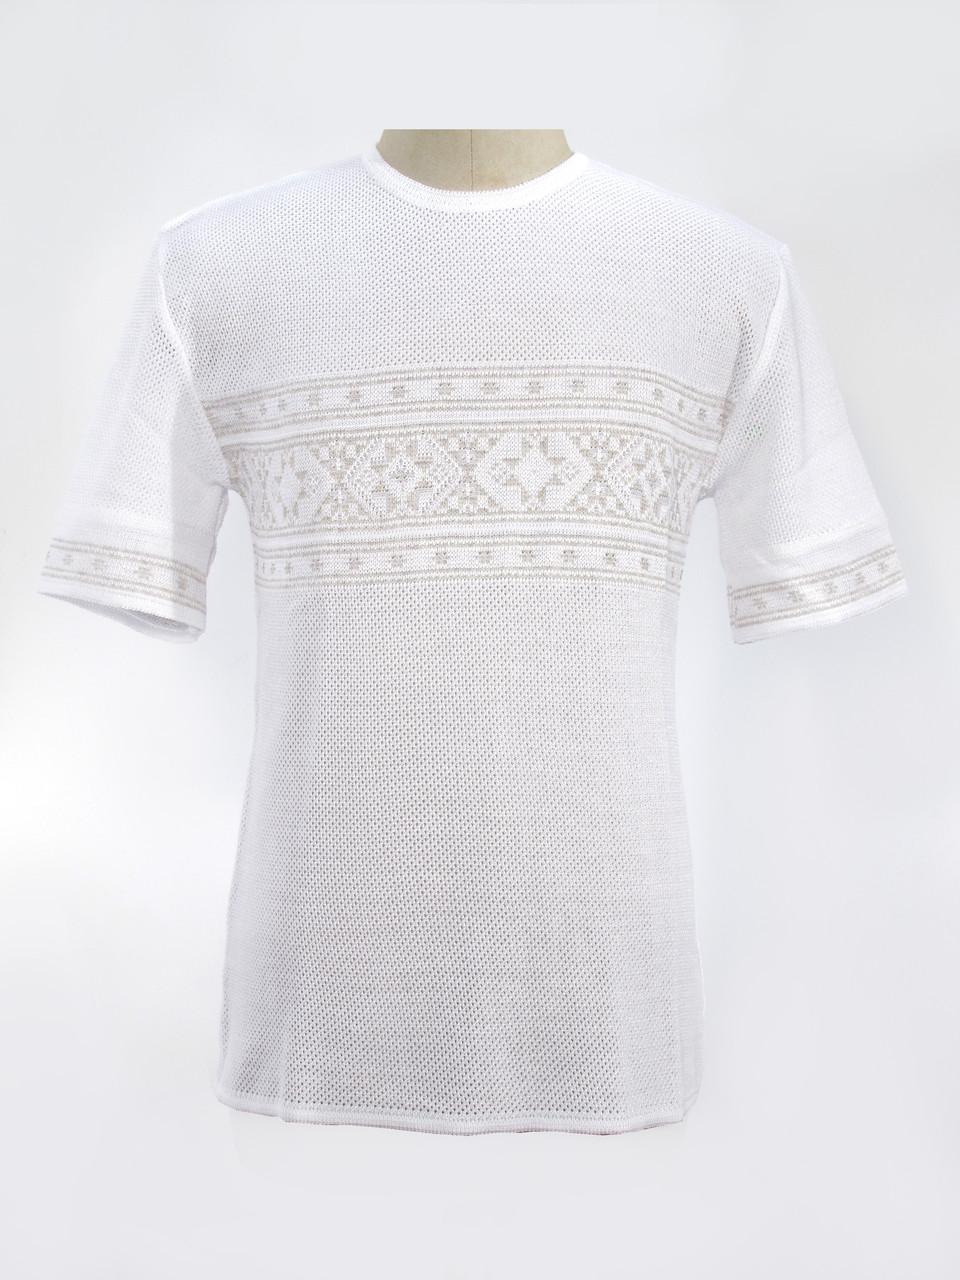 Мужская вязаная рубашка 20293 (короткий рукав) (х/б)